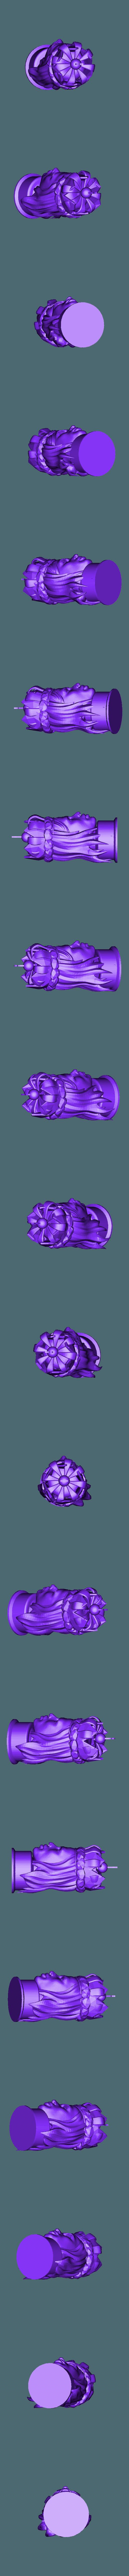 King Head.stl Télécharger fichier OBJ gratuit Bust King  • Design à imprimer en 3D, ryad36